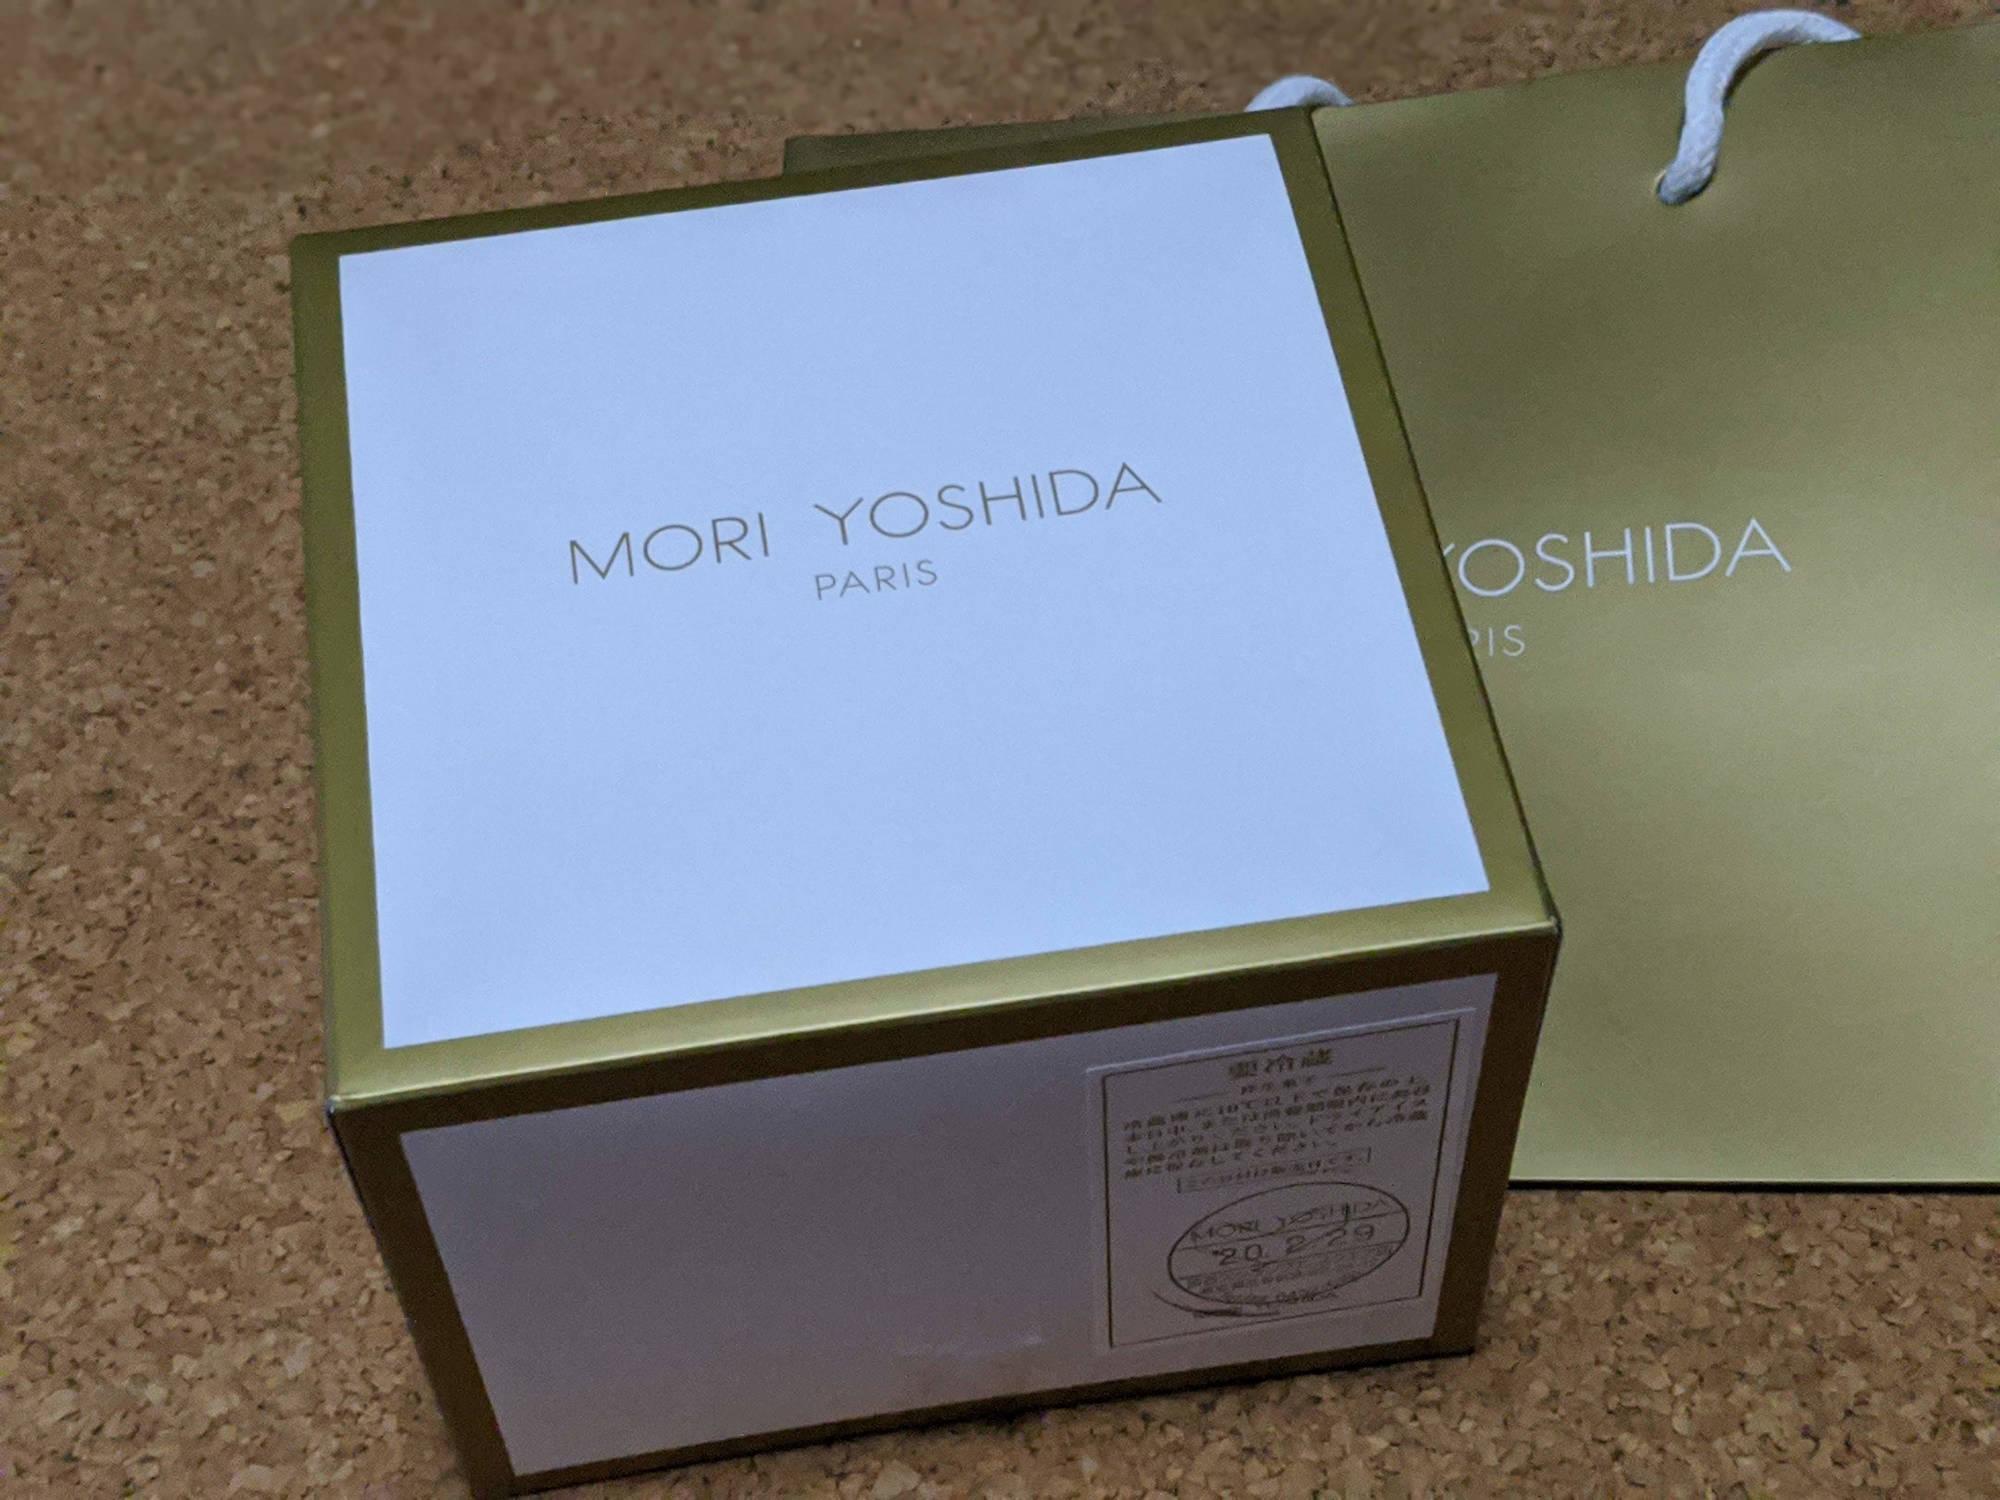 モリ・ヨシダ・パリの箱